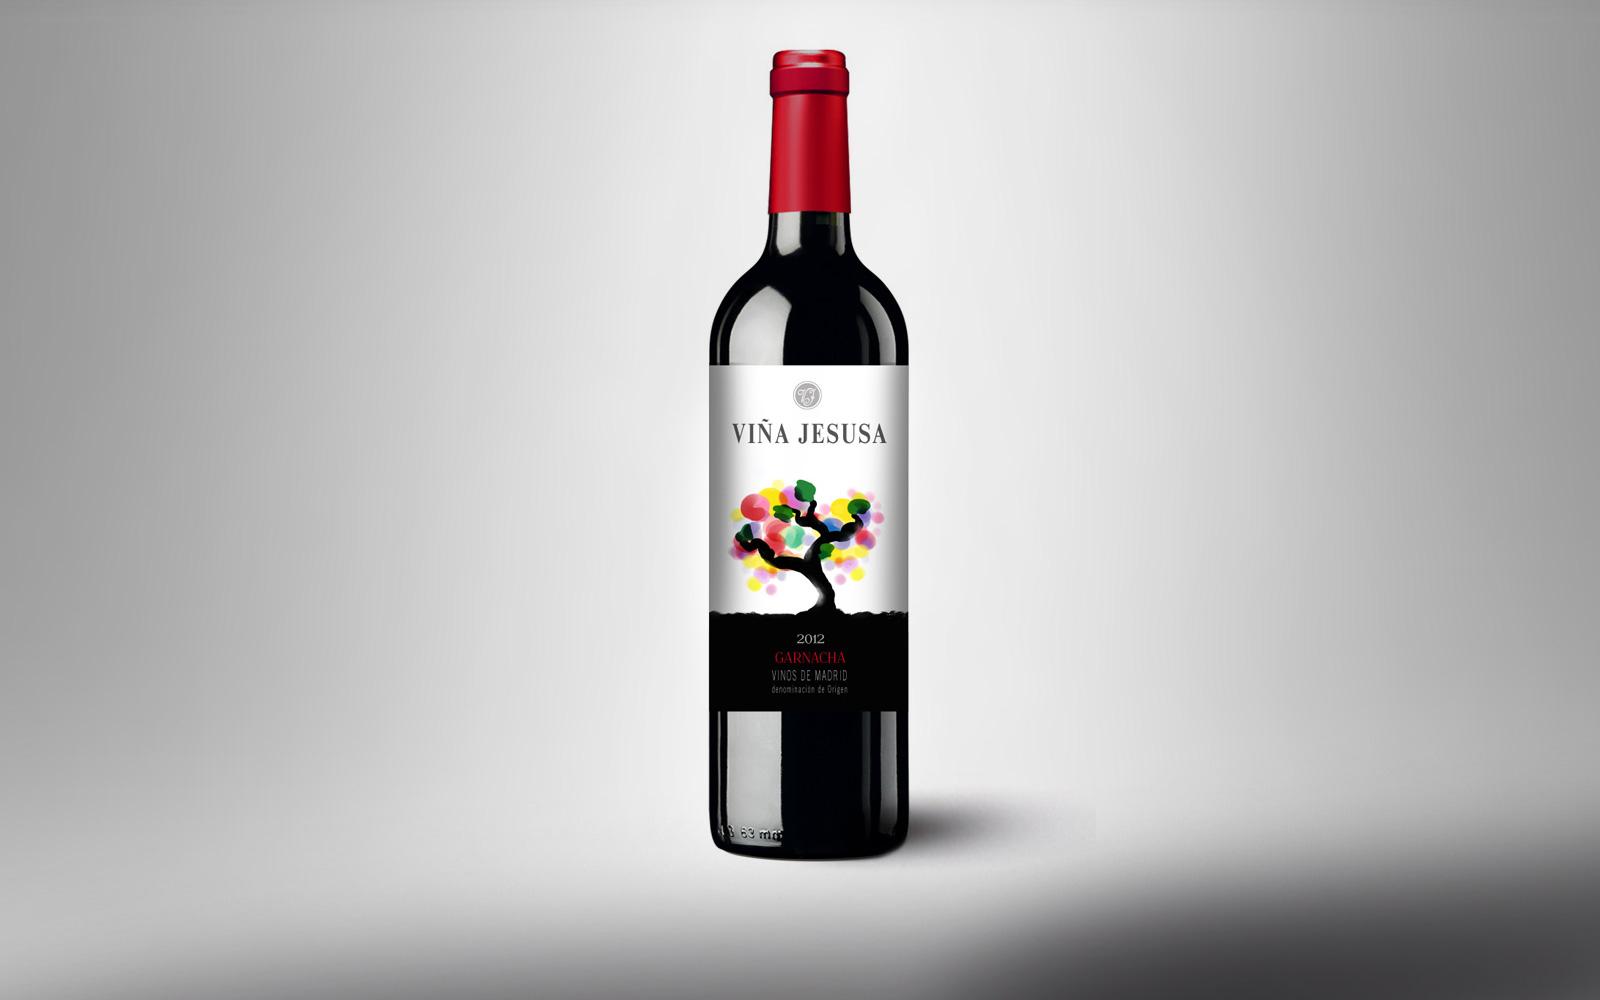 etiqueta_vino_tinto_vinosdemadrid